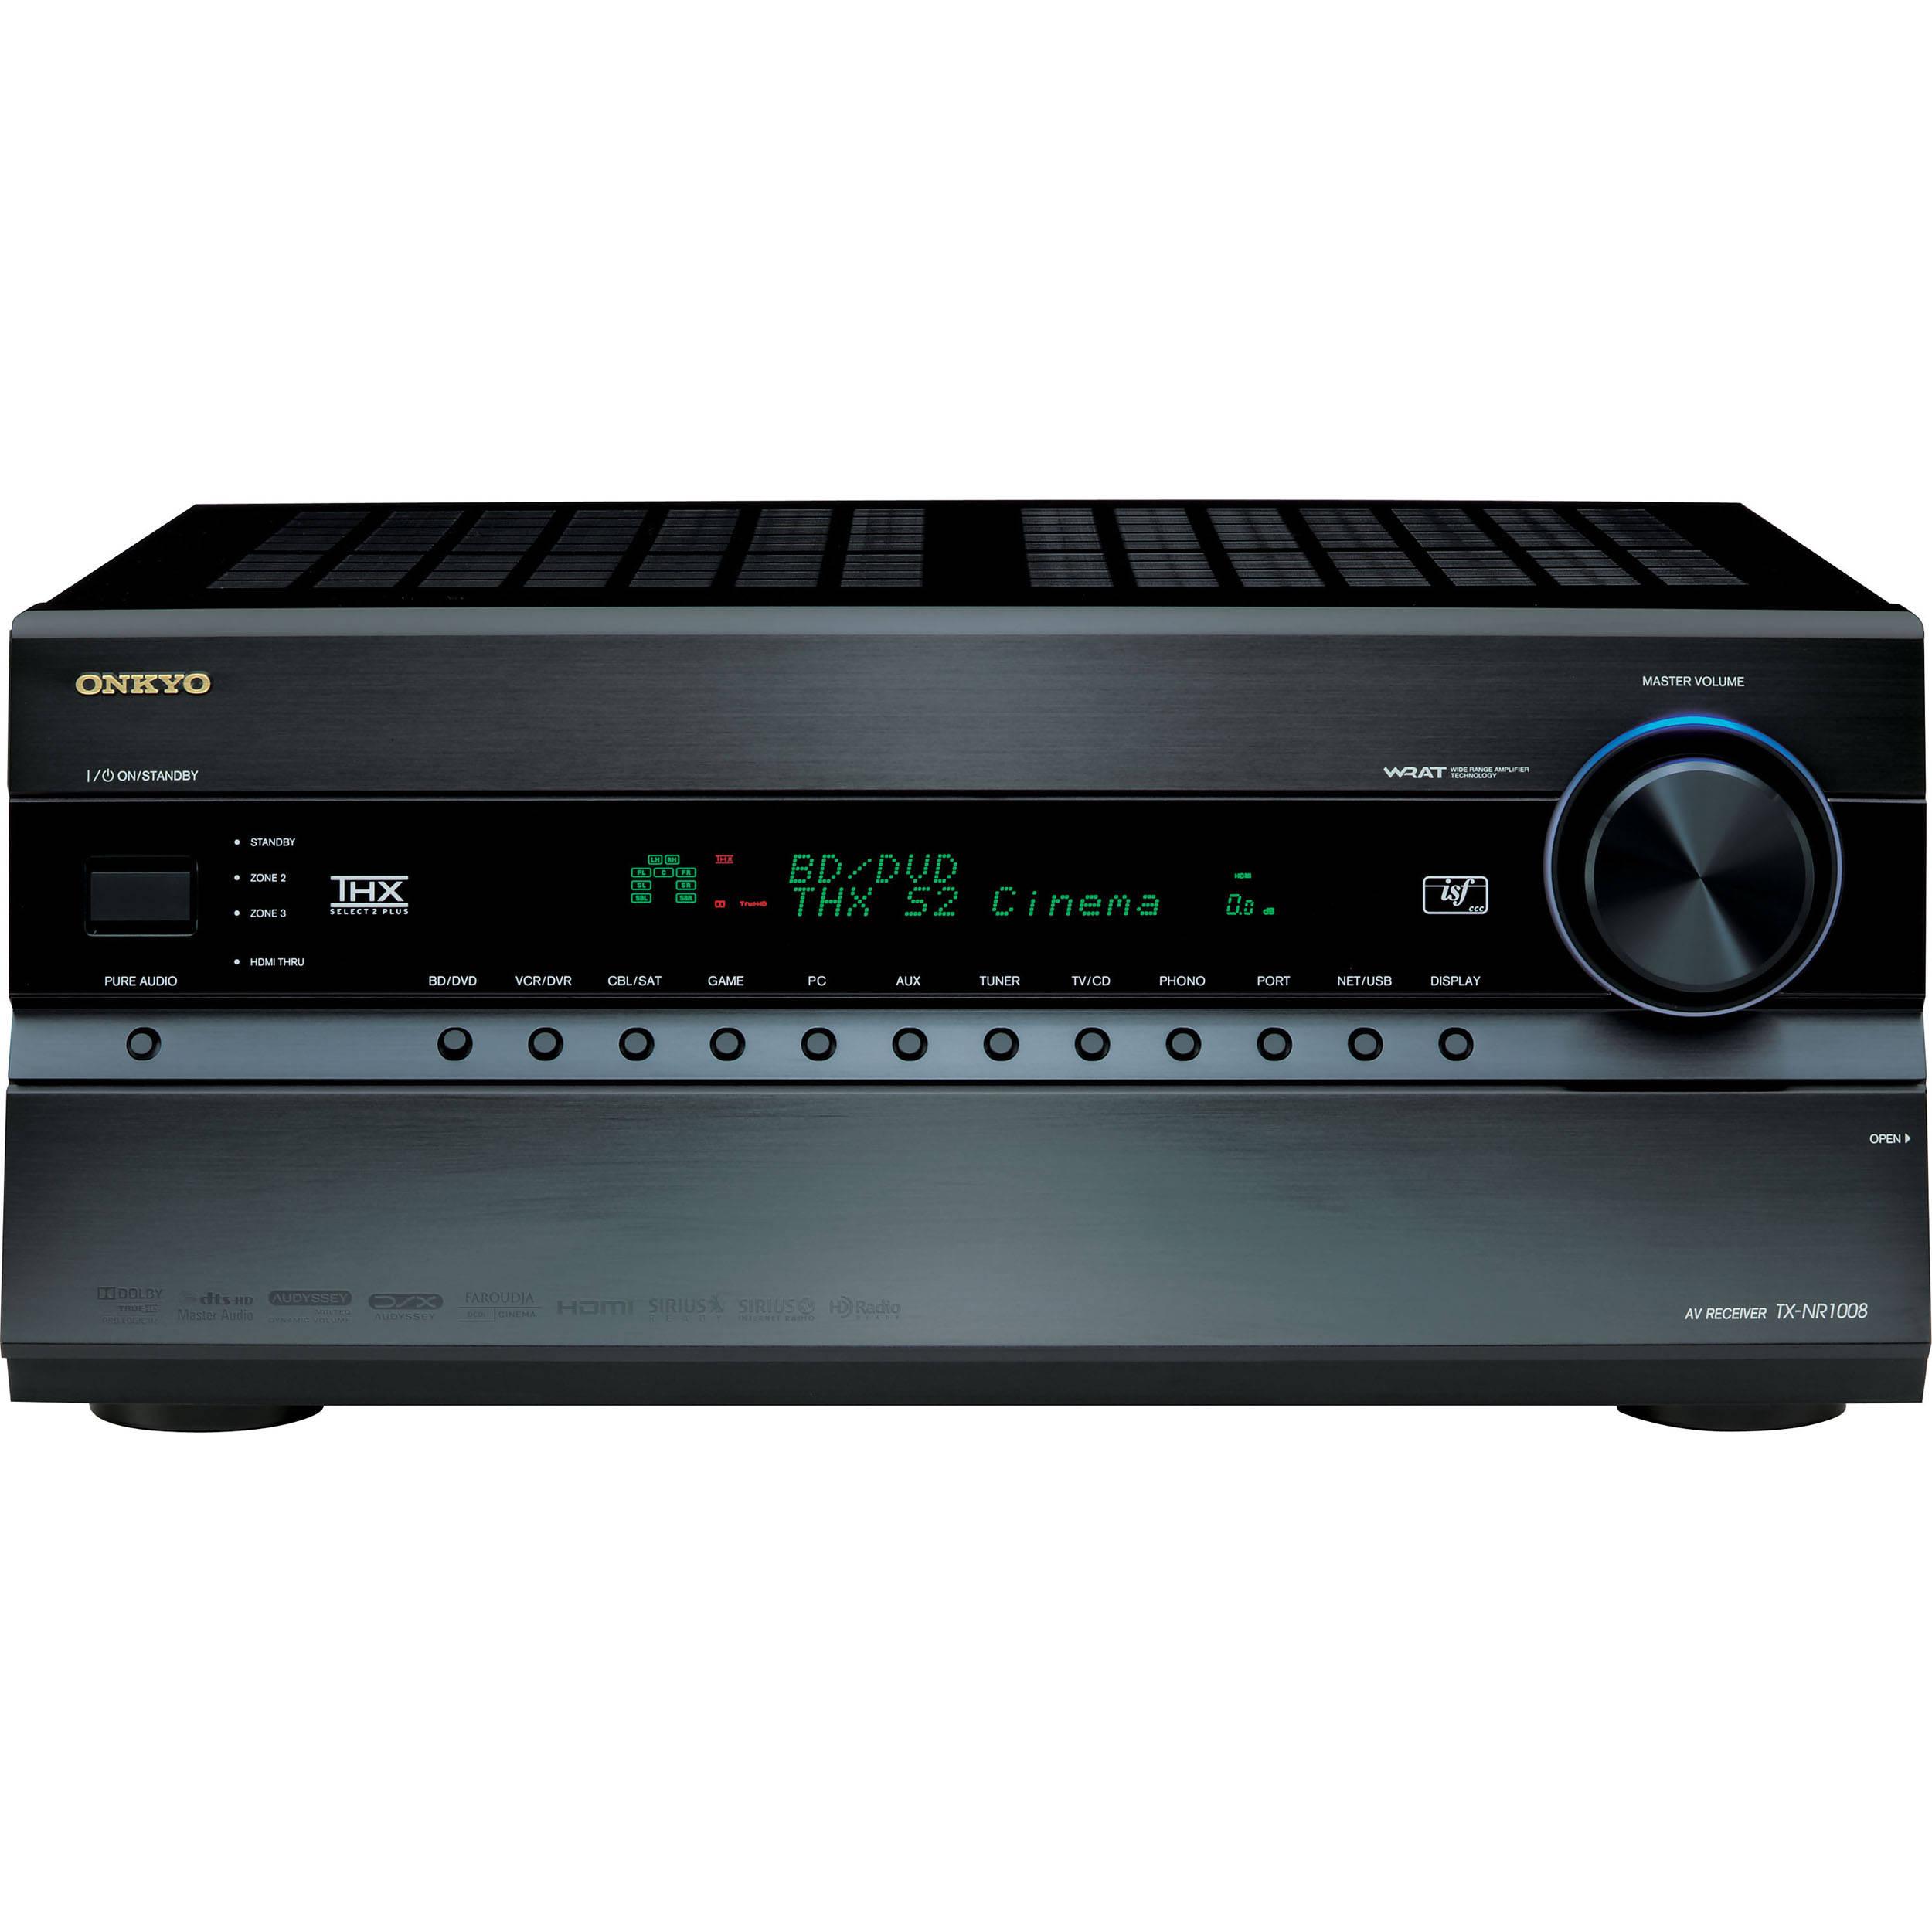 Test Report: Onkyo TX-NR1008 A/V Receiver   Sound & Vision